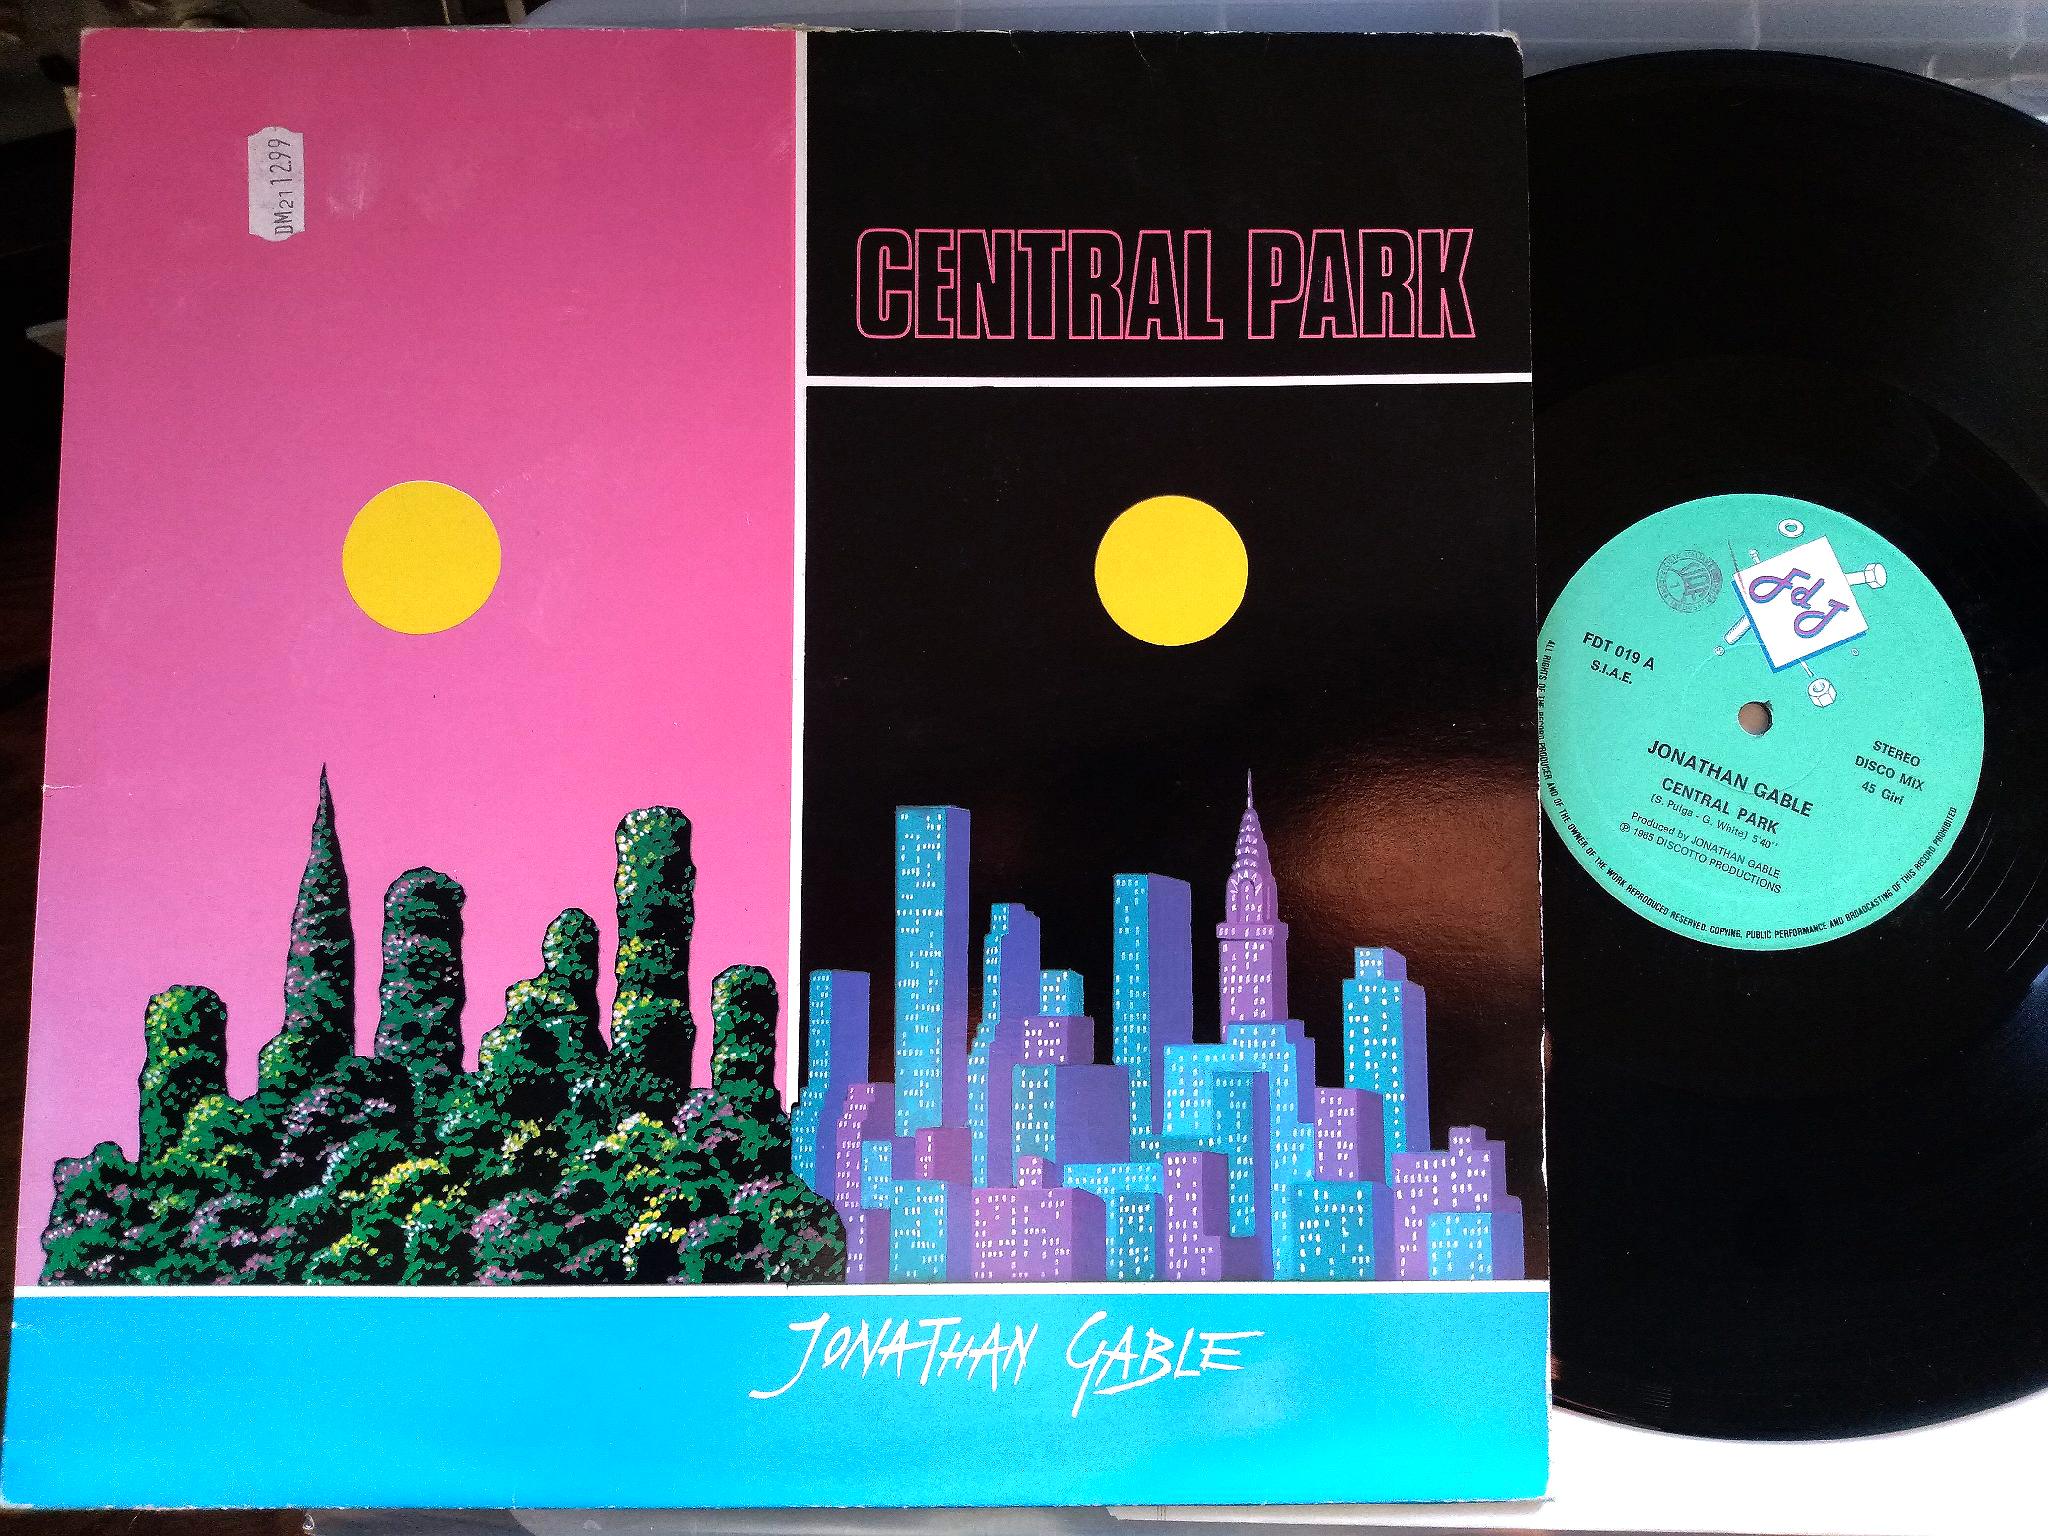 Jonathan Gable - Central Park